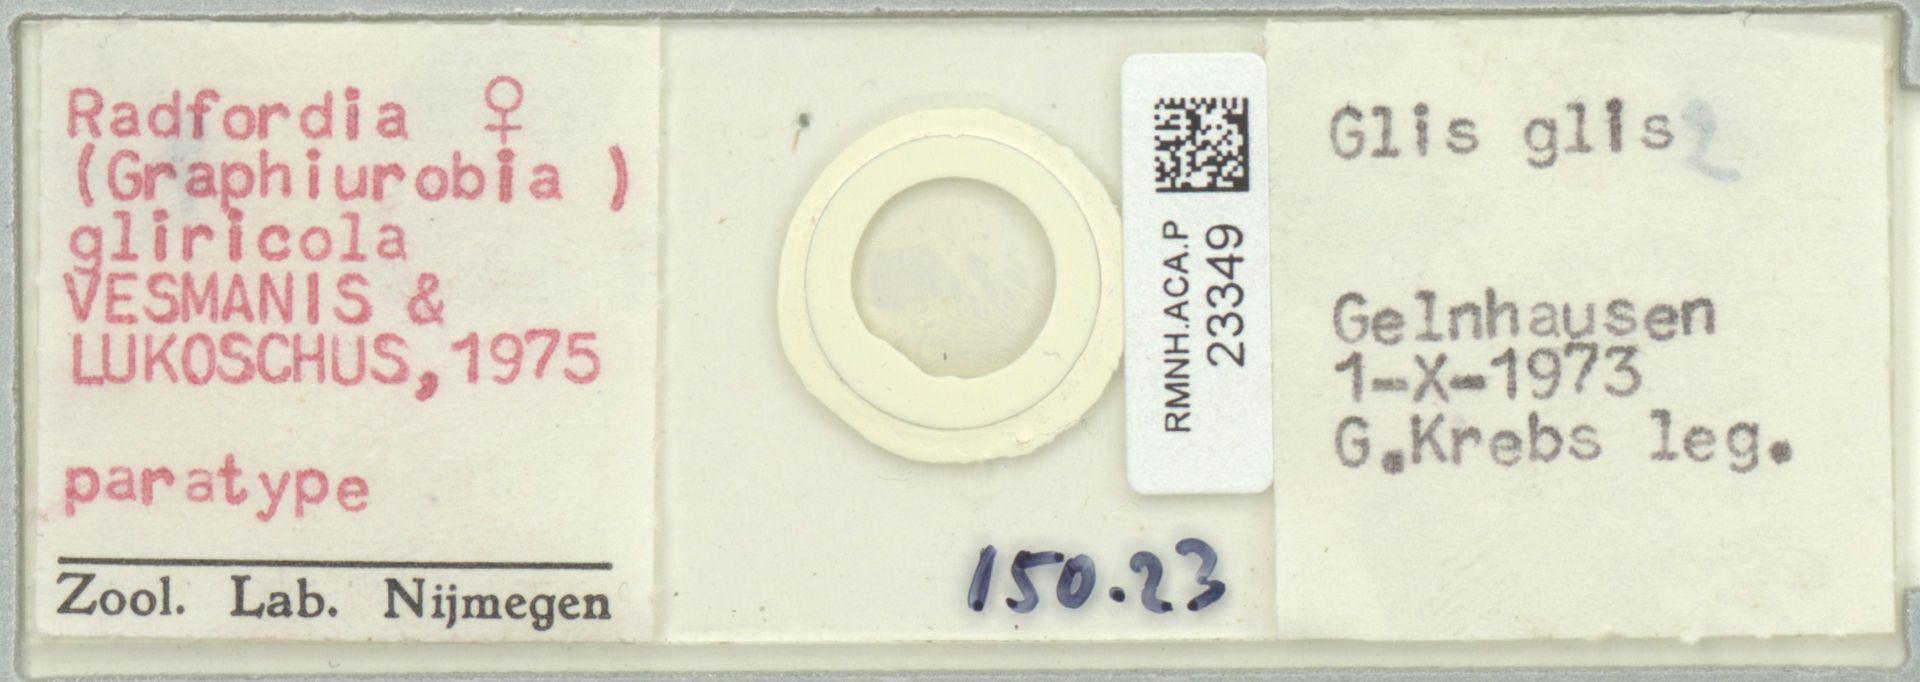 RMNH.ACA.P.23349 | Radfordia (Graphiurobia) gliricola VESMANIS & LUKOSCHUS, 1975